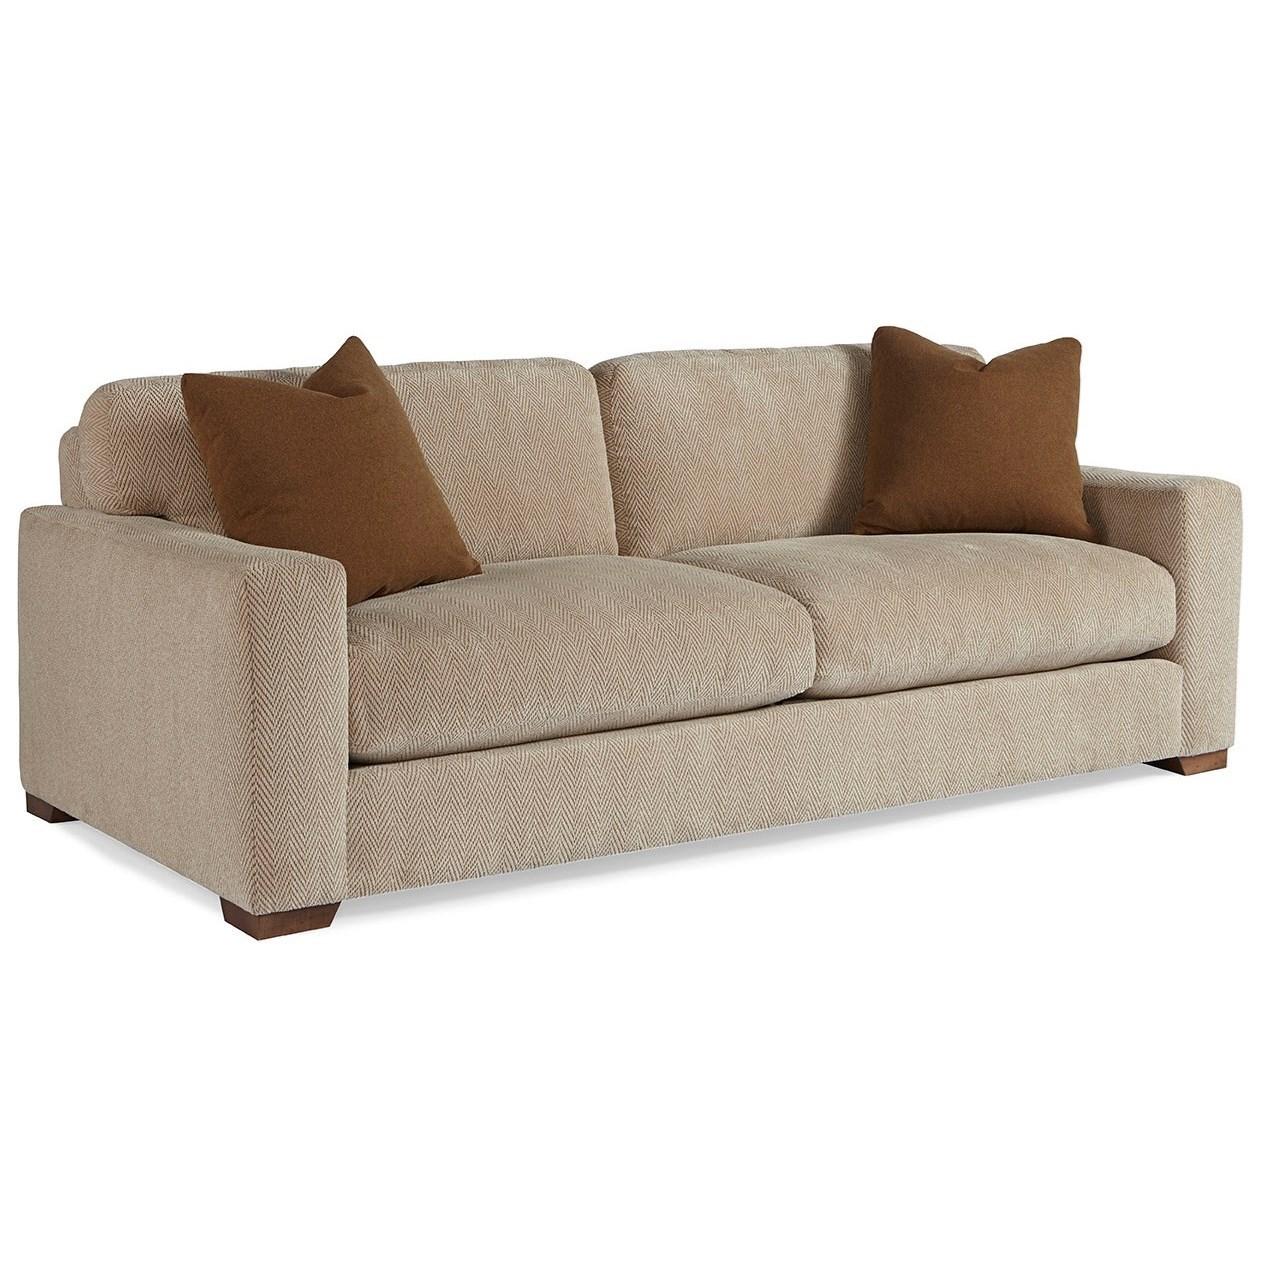 Dakota Sofa by Rowe at Belfort Furniture